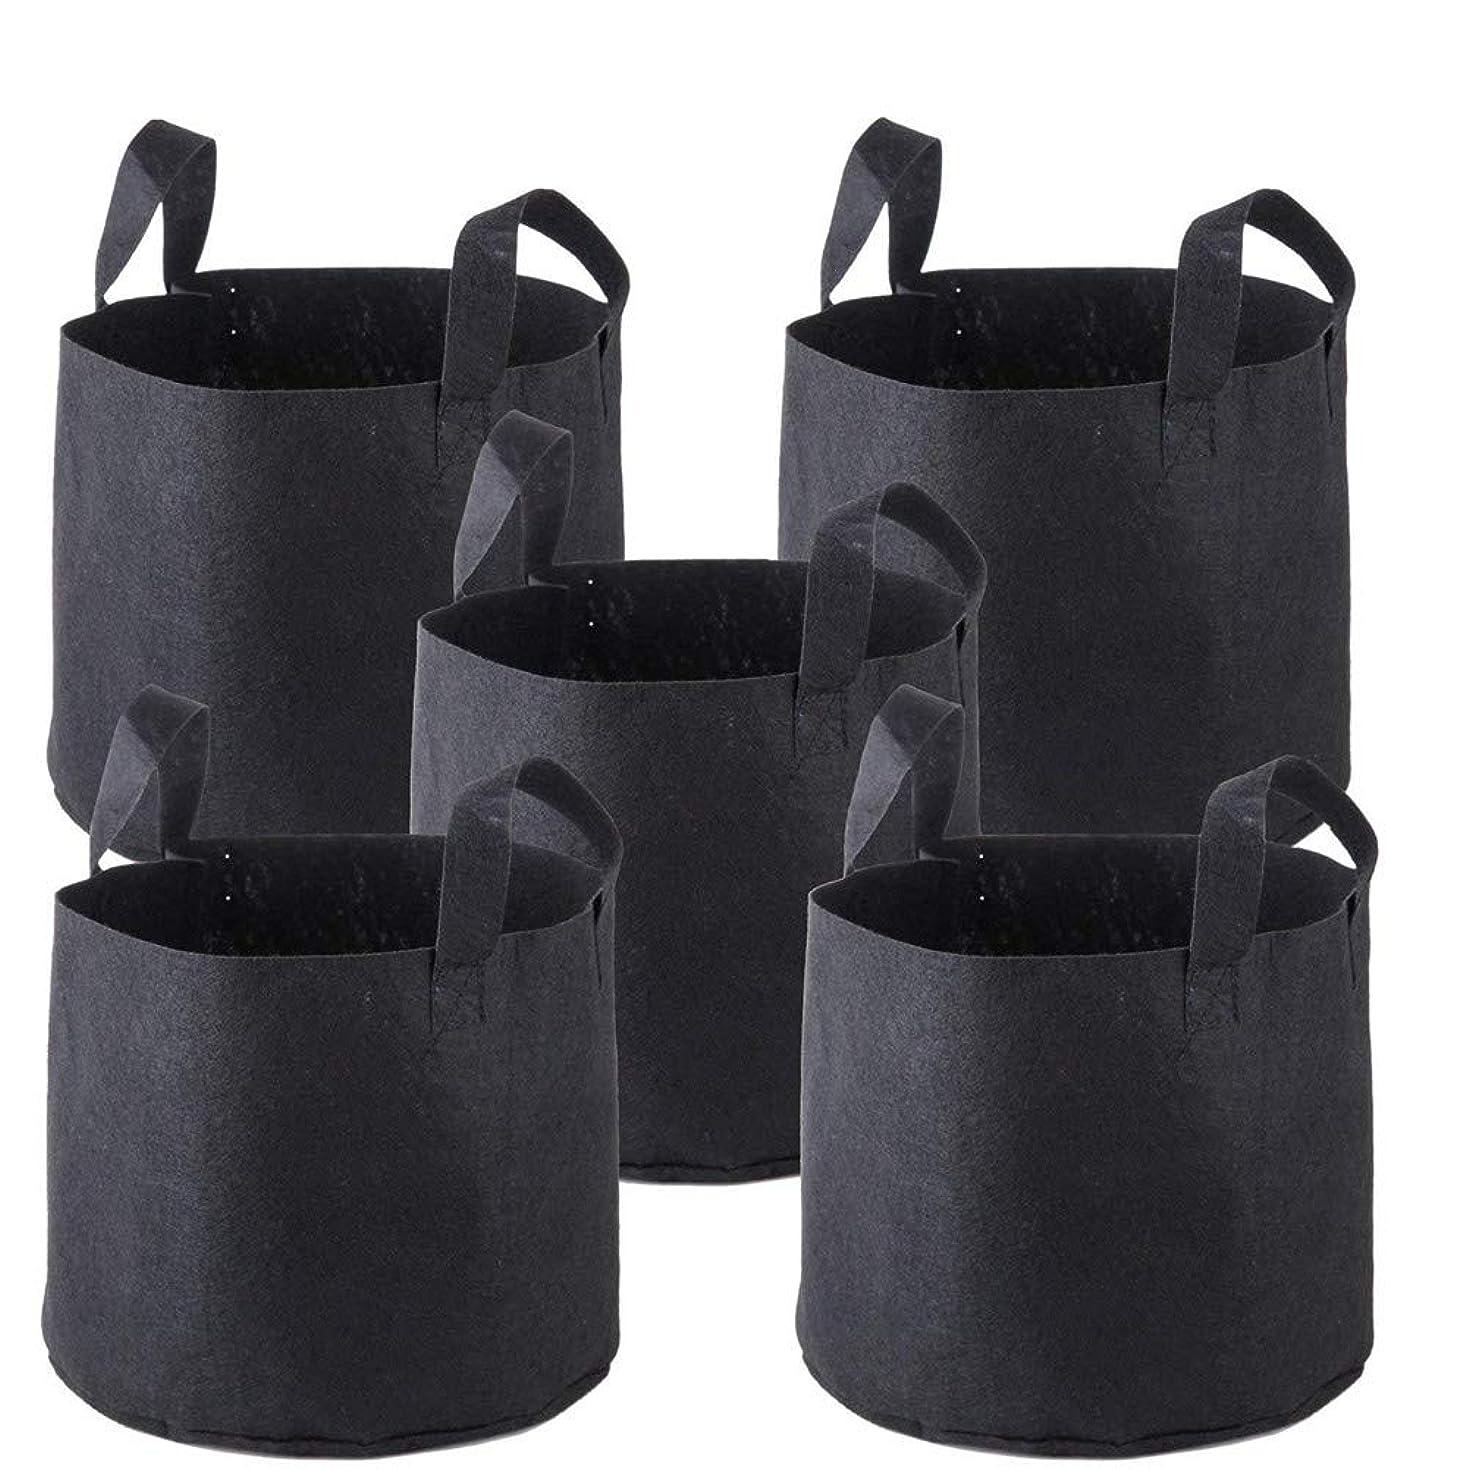 ランチョン単語不合格5個セット成長バッグヘビーデューティーシックニング不織布植物の花瓶ハンドルで、様々なサイズの1/2/3/5/7/10/15/20ガロン,20Gallon